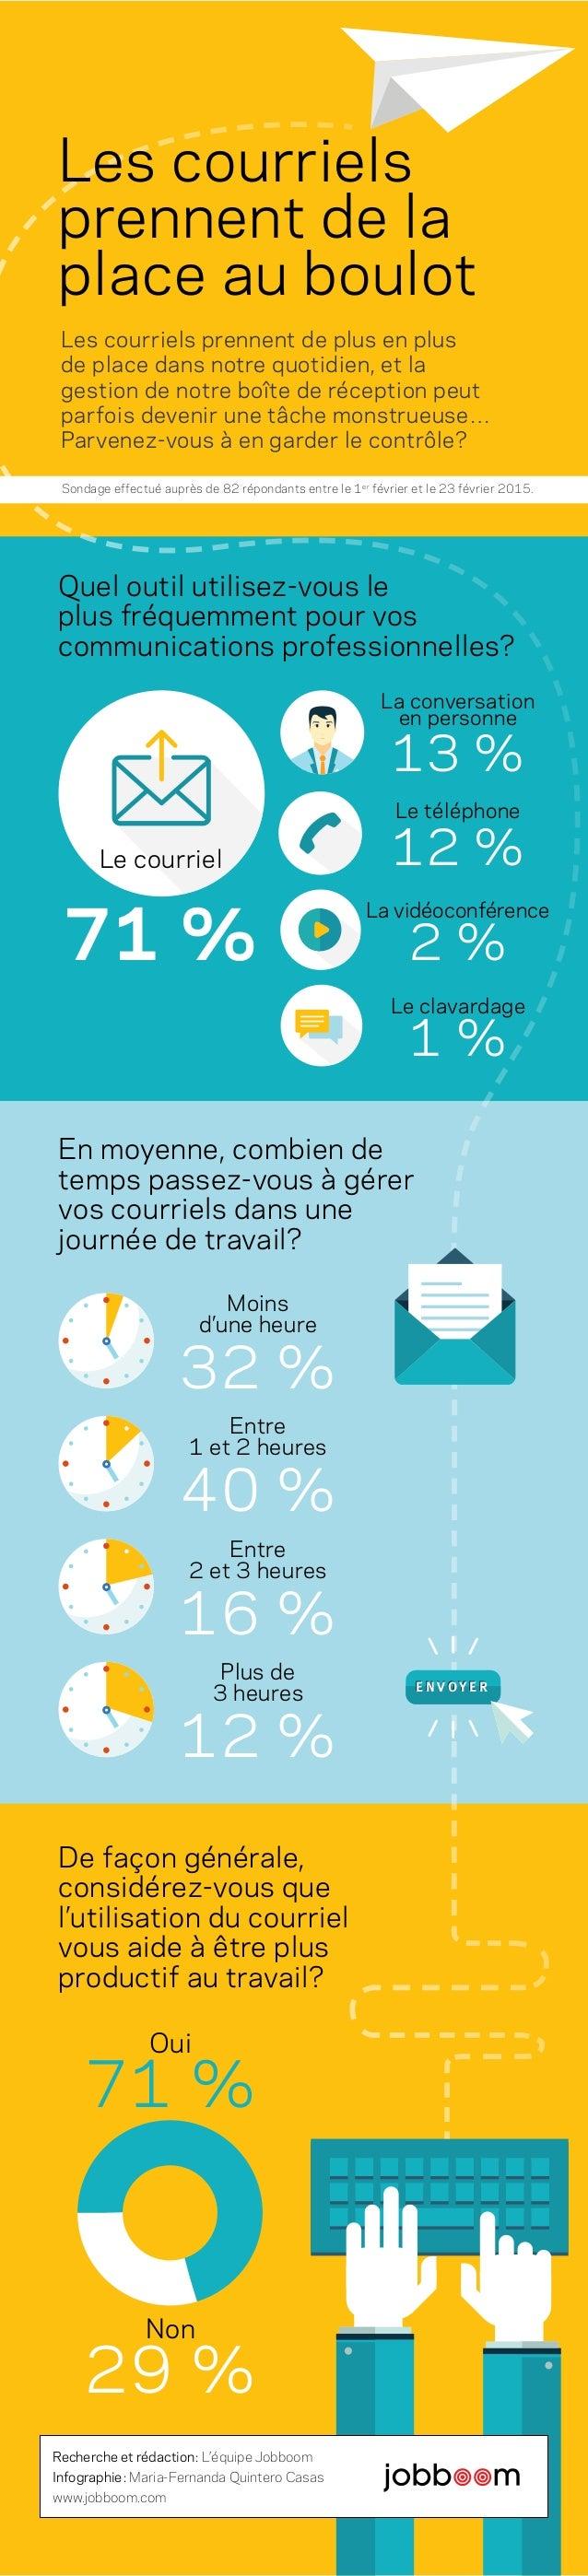 Les courriels prennent de plus en plus de place dans notre quotidien, et la gestion de notre boîte de réception peut parfo...